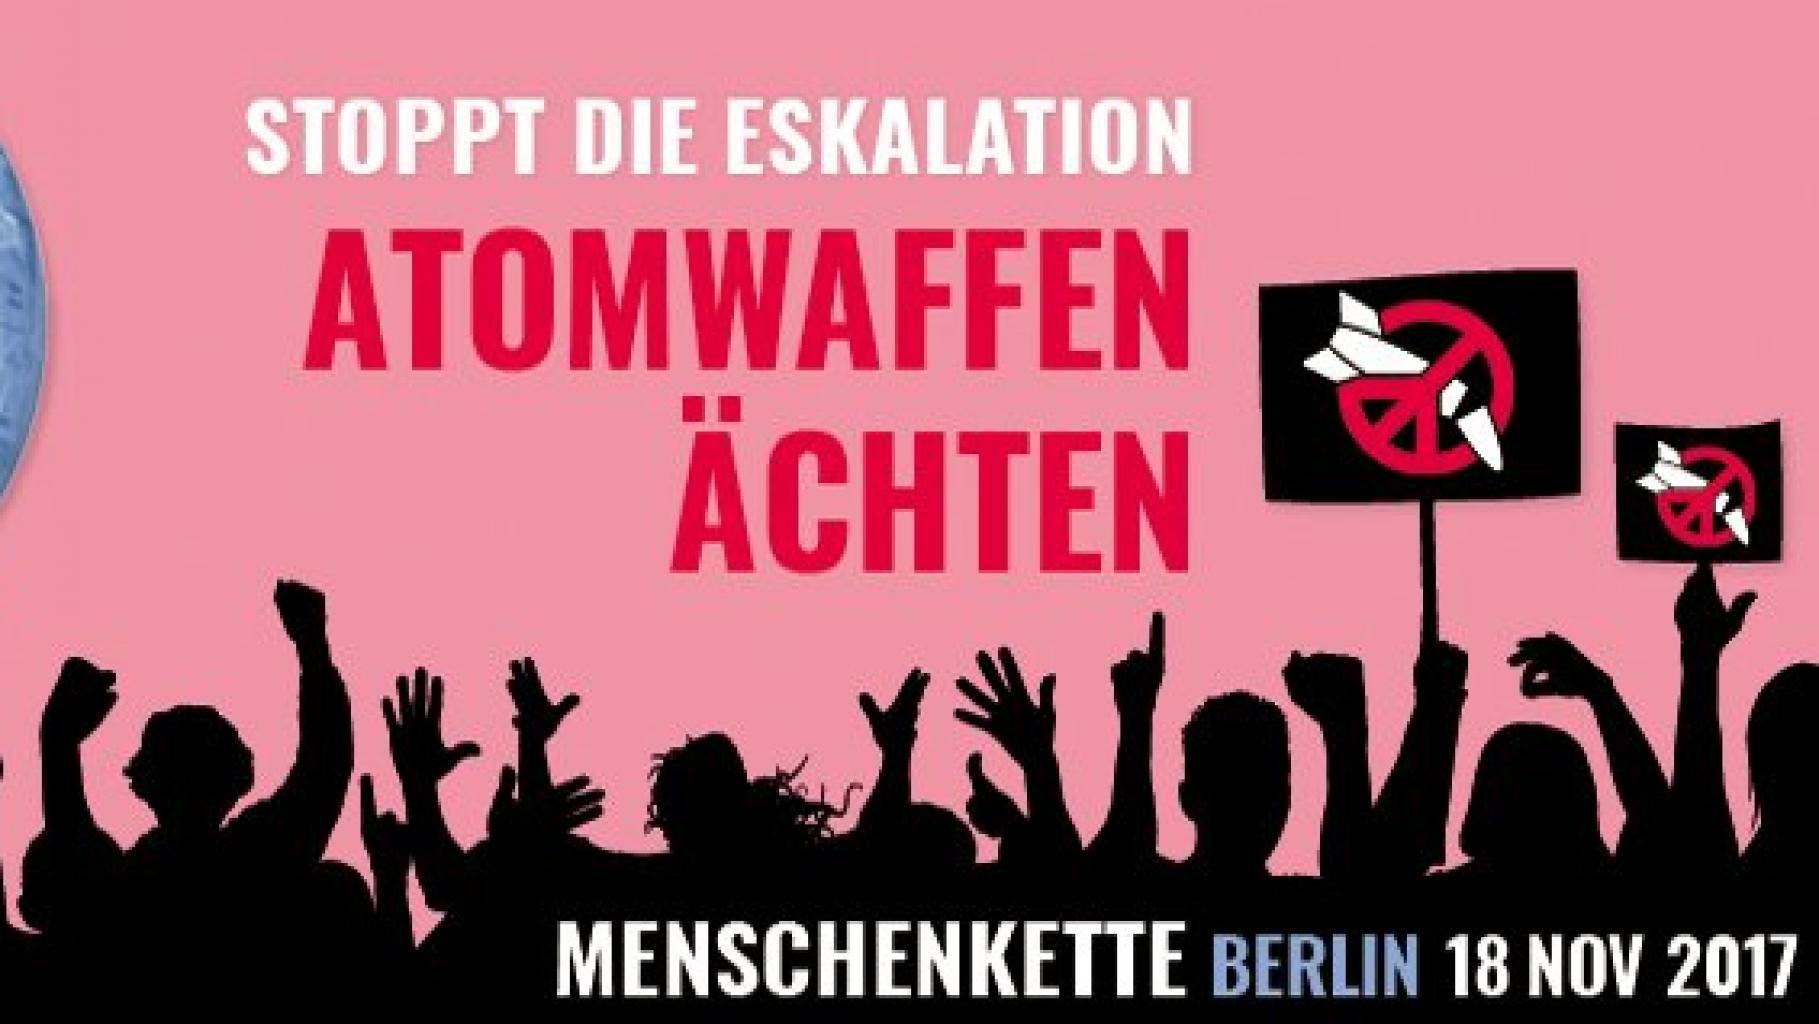 Menschenkette gegen Atomwaffen am 18. November in Berlin